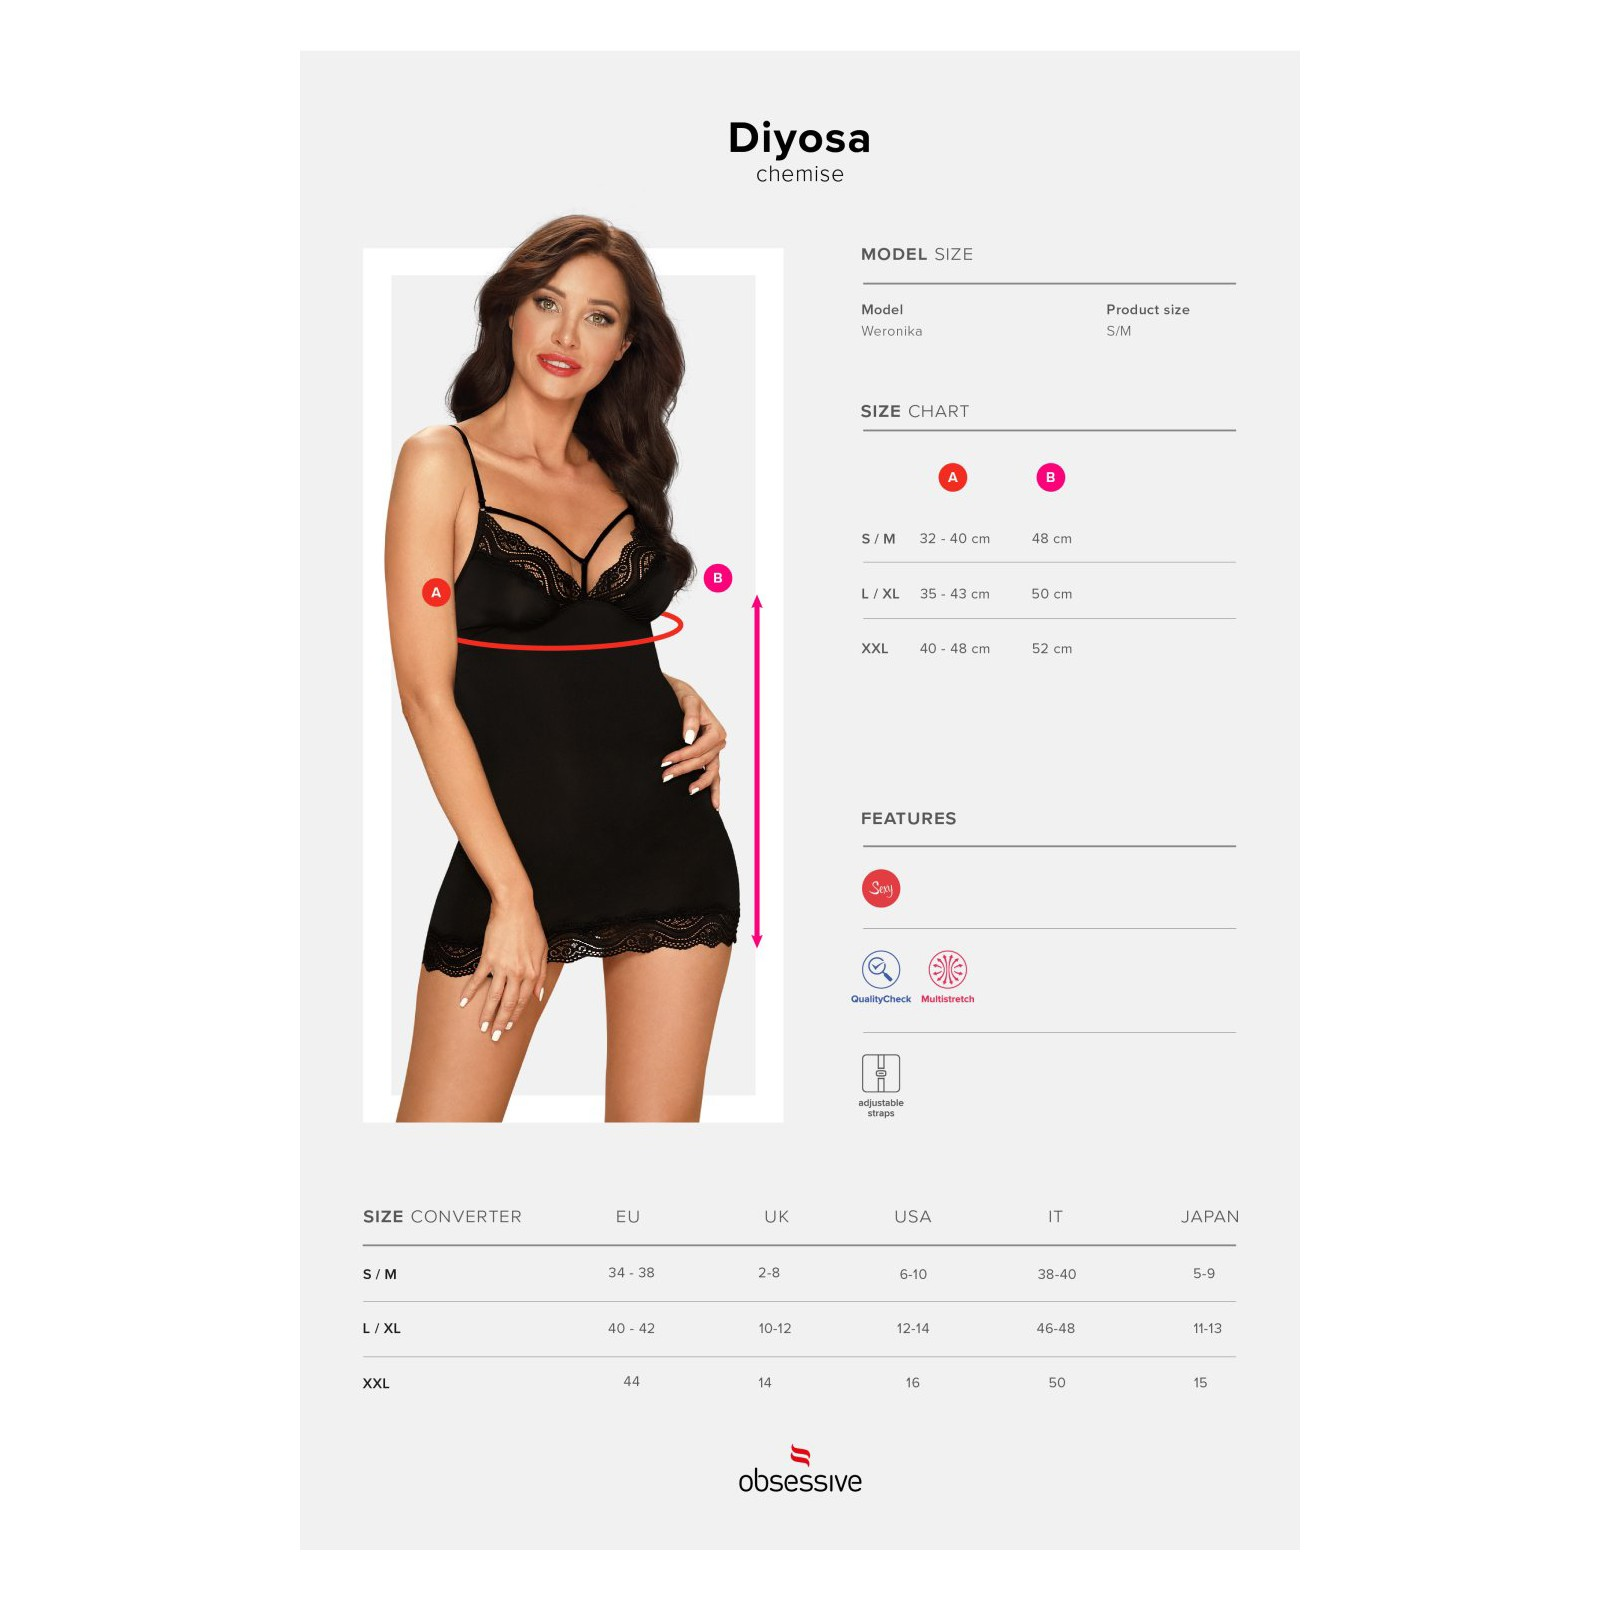 Diyosa Chemise - 7 - Vorschaubild